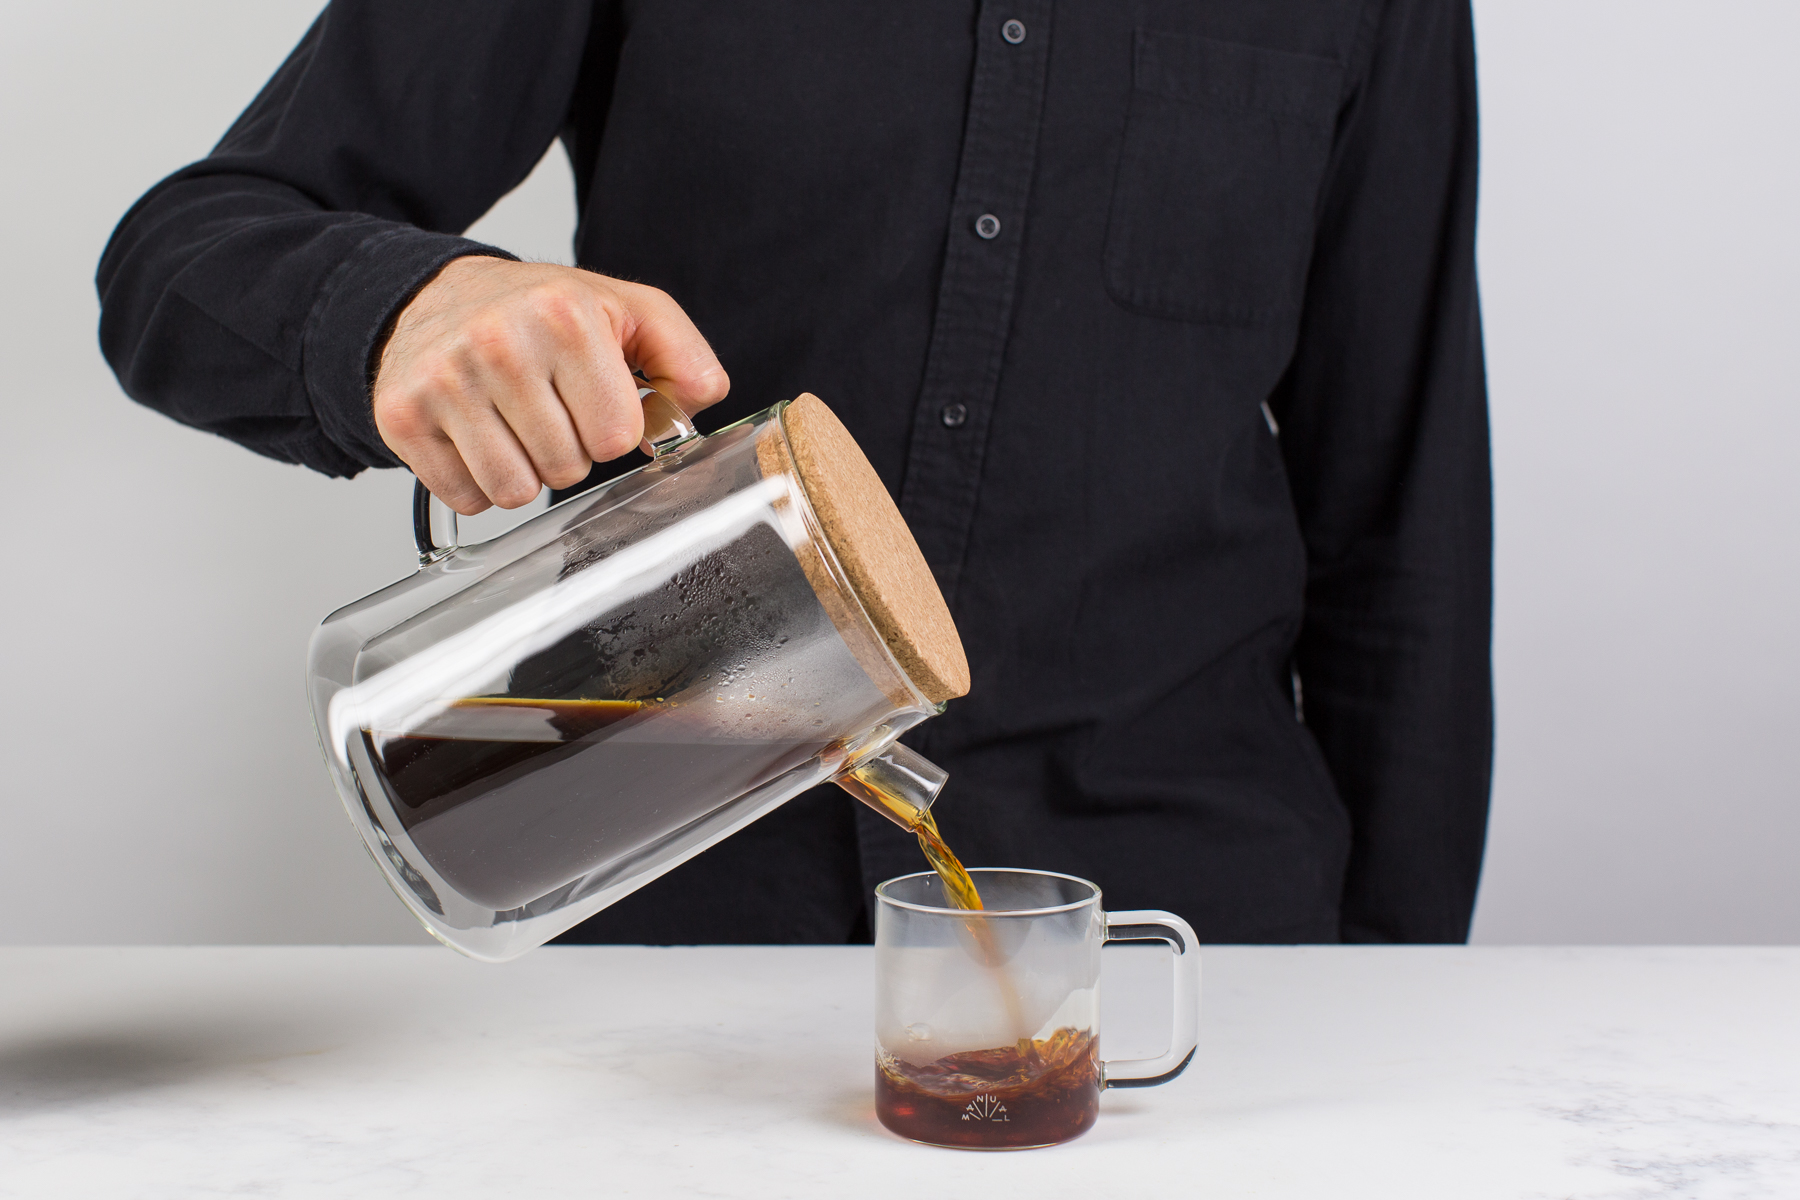 CoffeemakerNo3_Use4.jpg